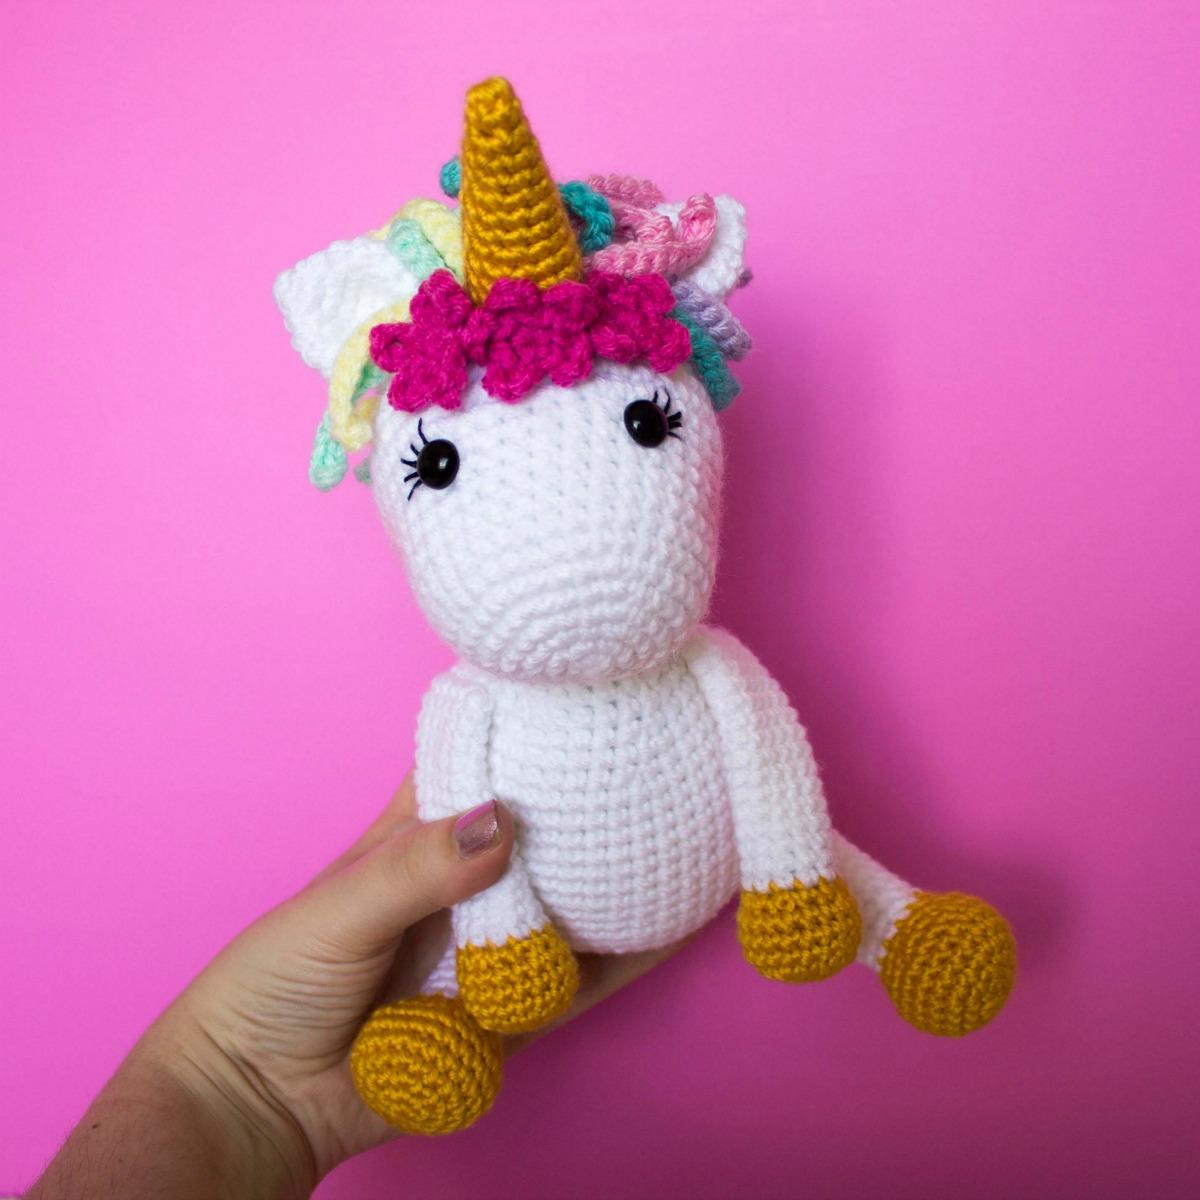 Horse Amigurumi Crochet Tutorial Part 1 - YouTube | 1200x1200